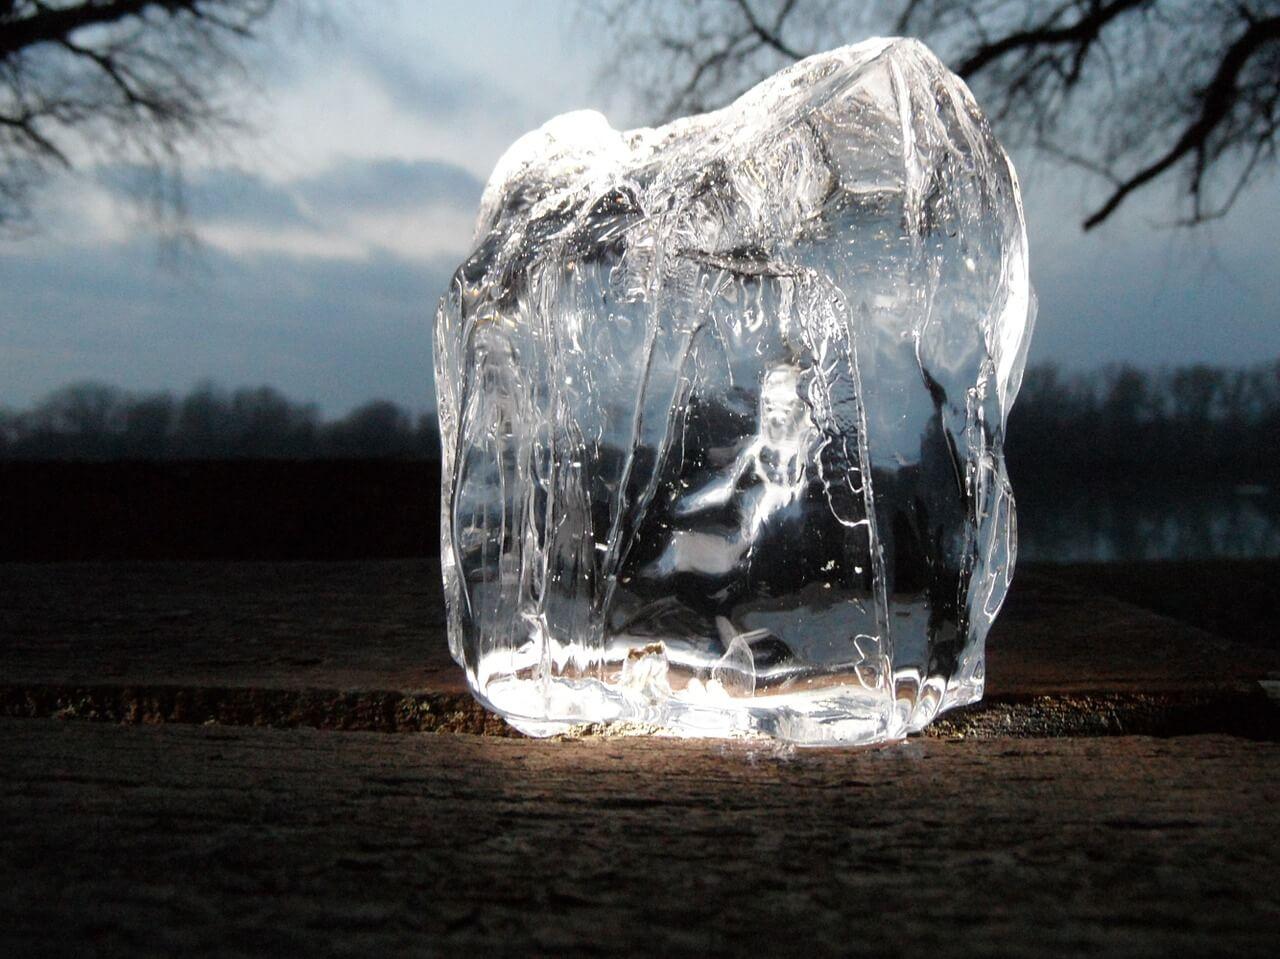 Ein Eiswürfel welcher auf dem Boden steht. Dieser soll die kälte einer Kühlvitrine darstellen.